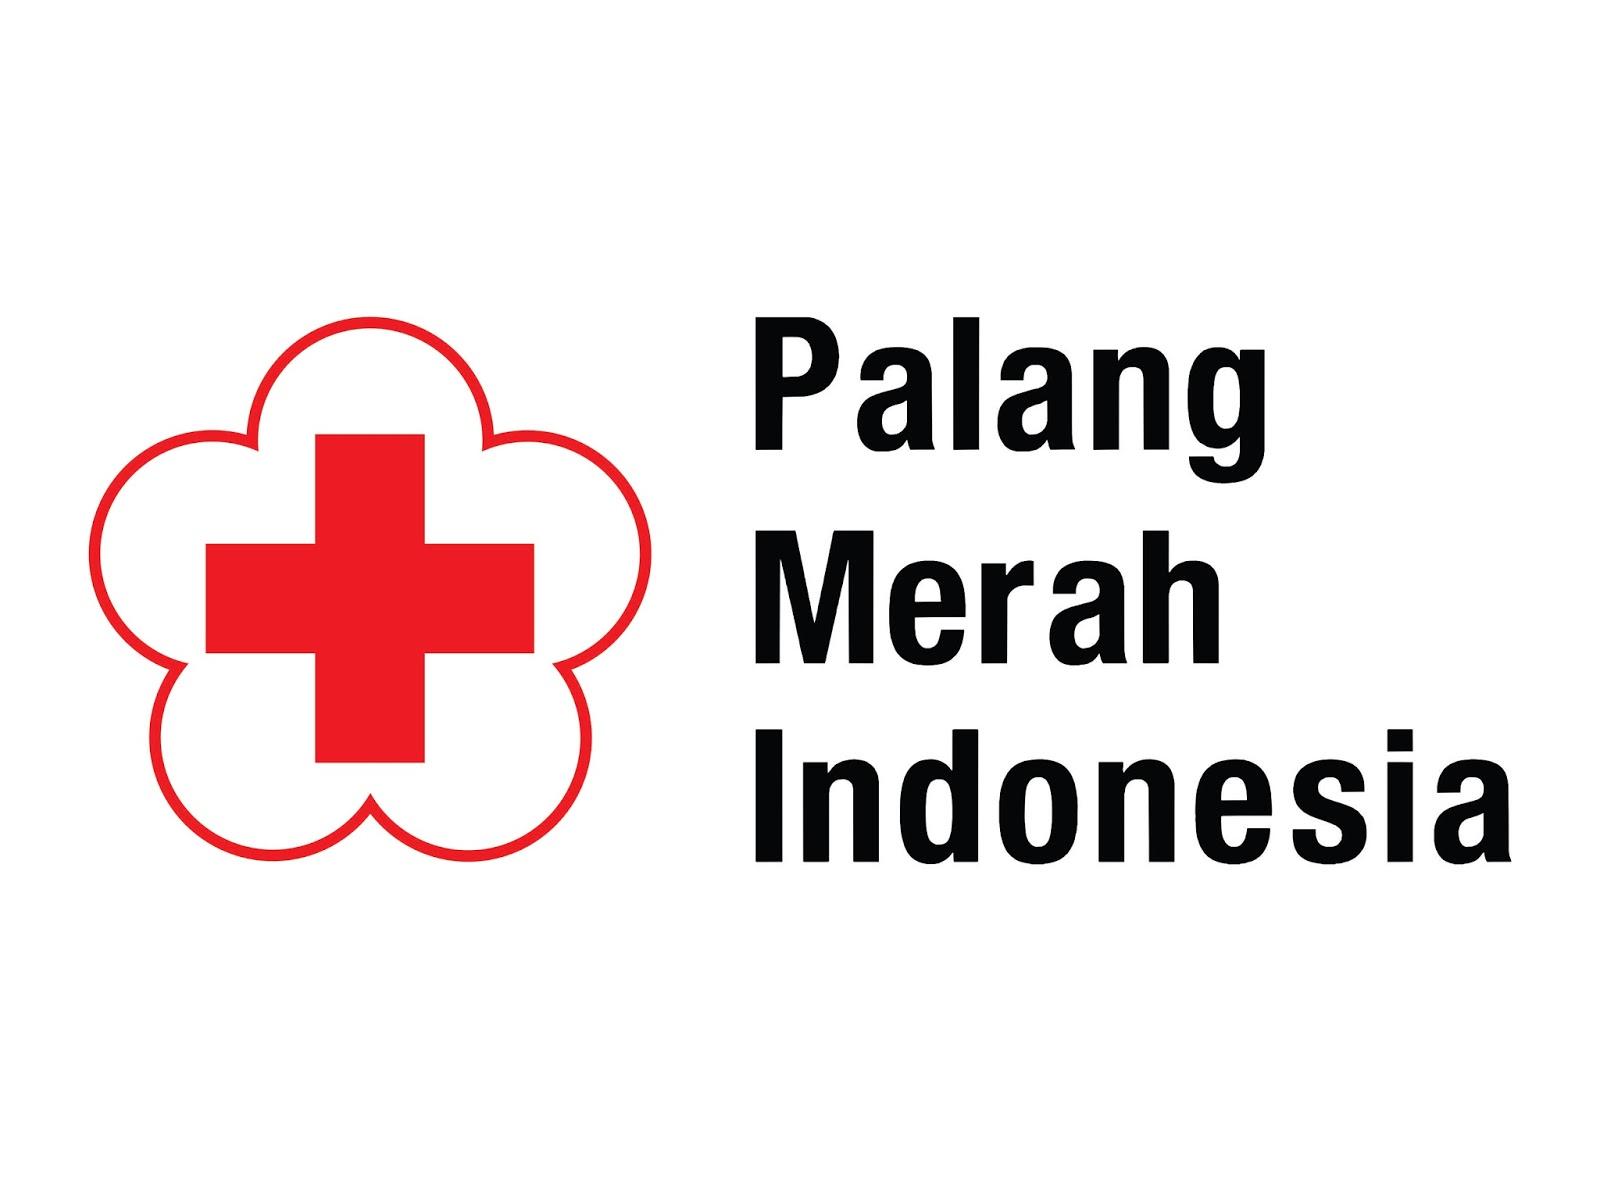 Sejarah Terbentuknya Palang Merah Indonesia